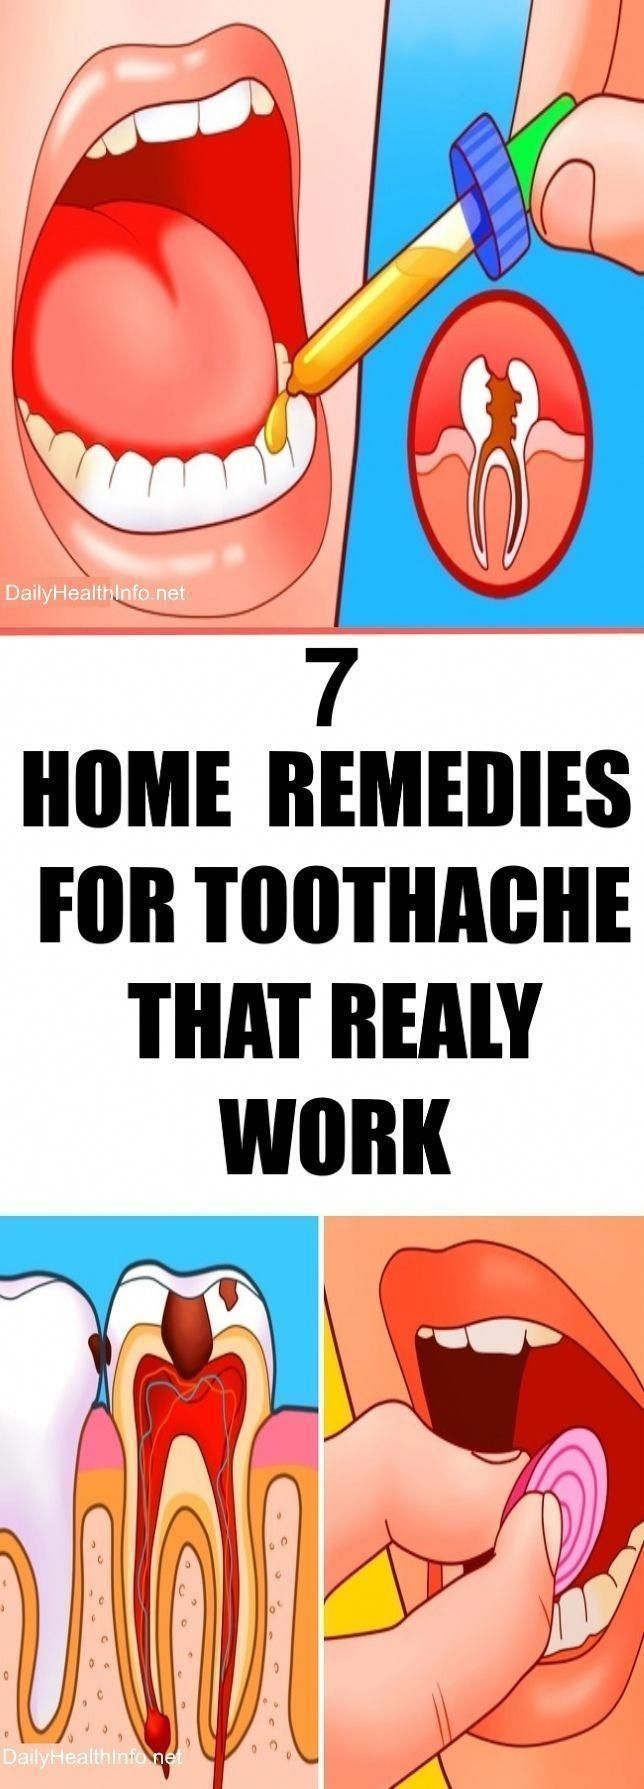 Schokolade Zahnschmerzen